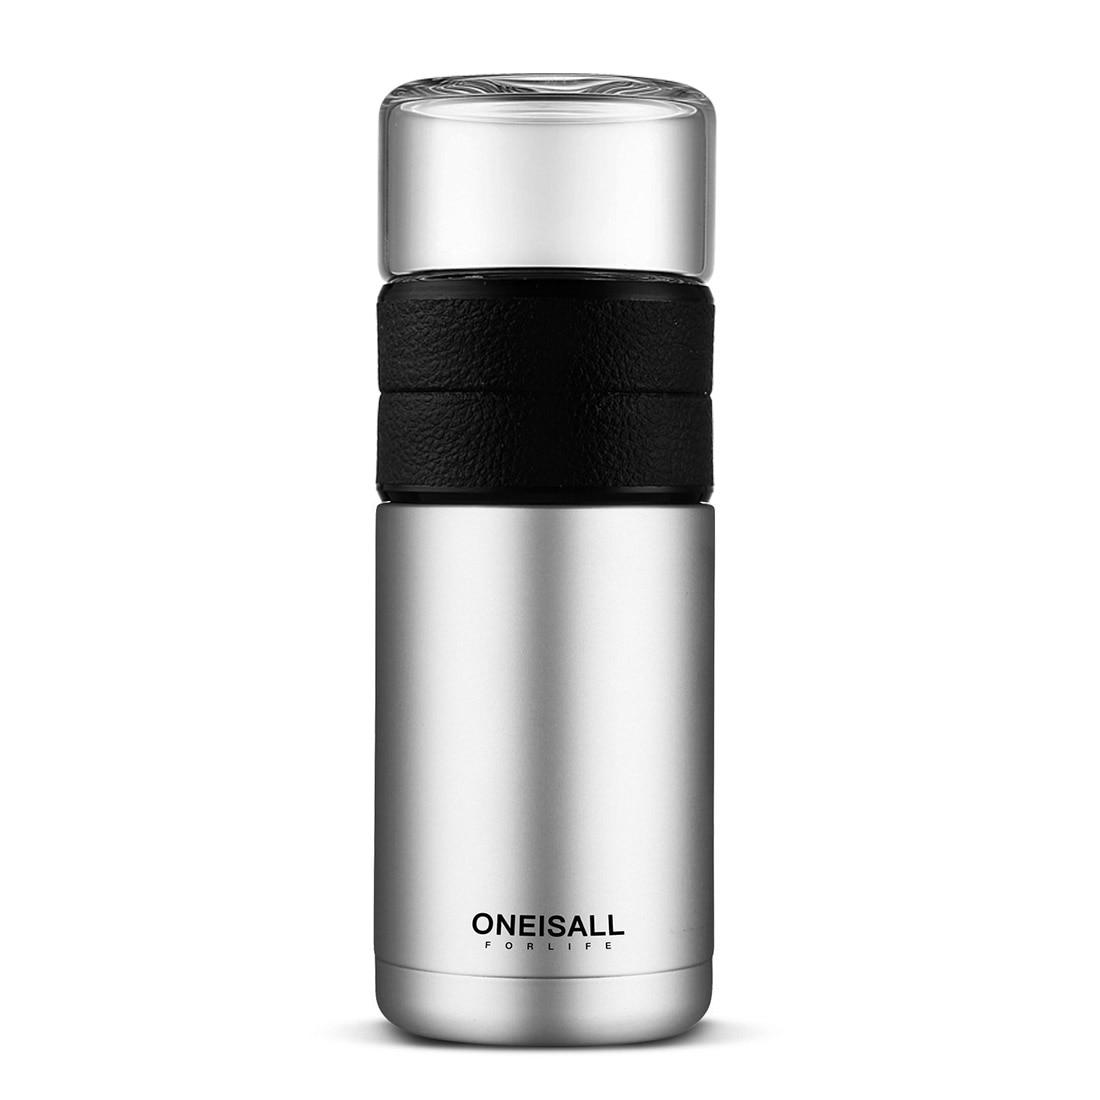 Hae5fecaad6a141a9908934c2b493bea49 - Thermofuse flask